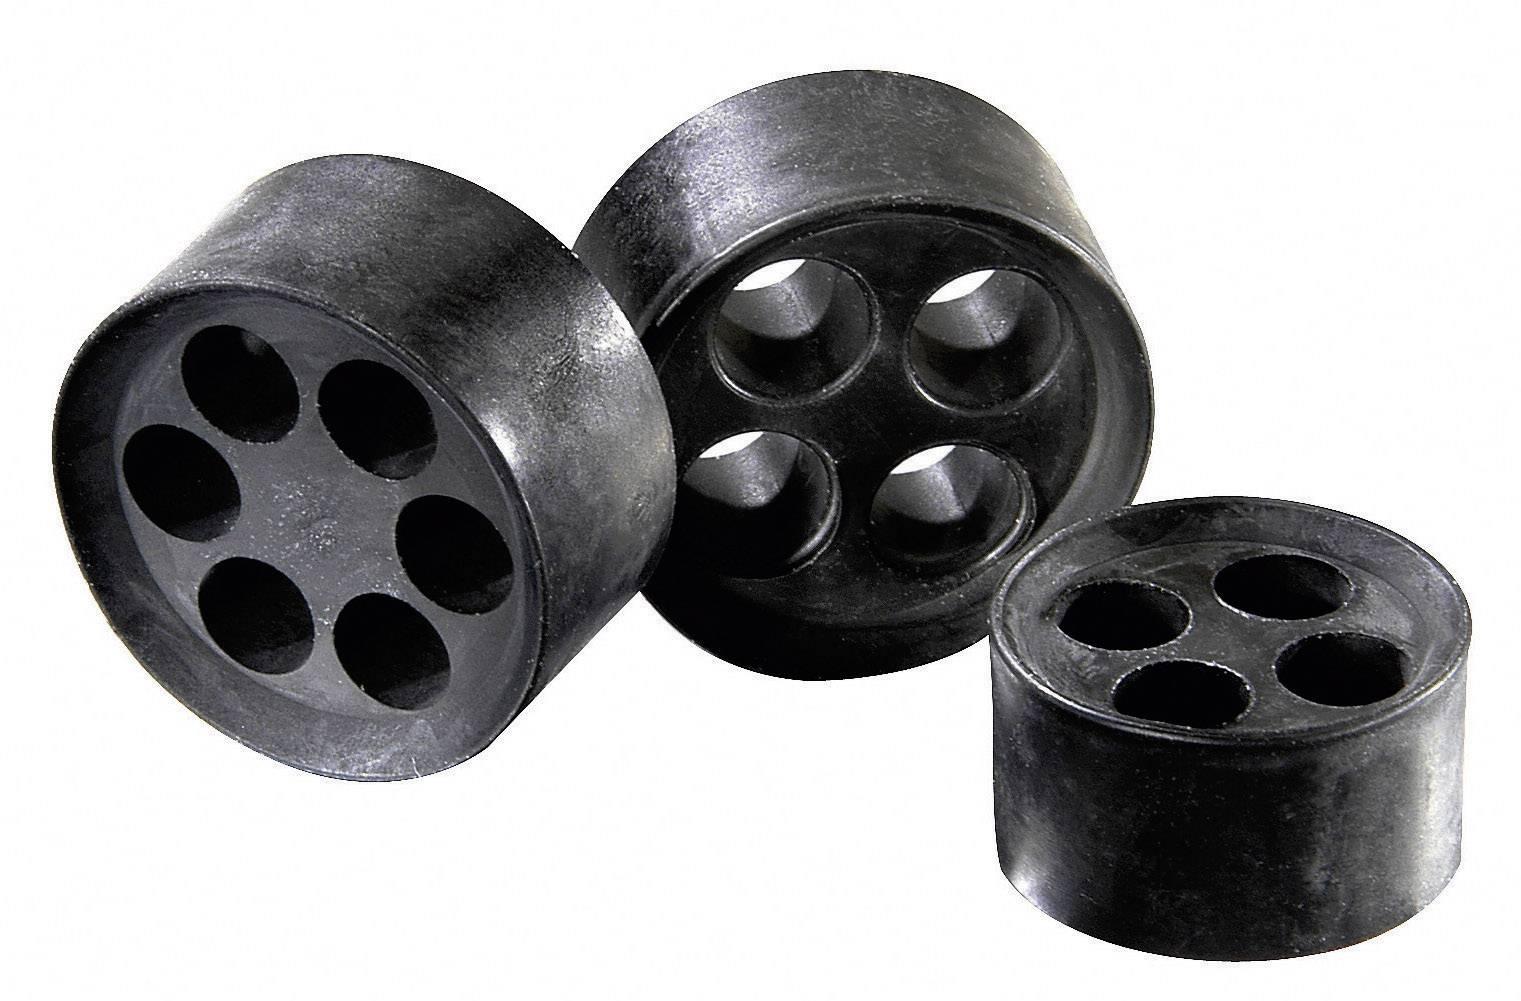 Těsnicí vložka M32 Wiska MFD 32/05/070 (10101140), IP66, M32, elastomer, černá